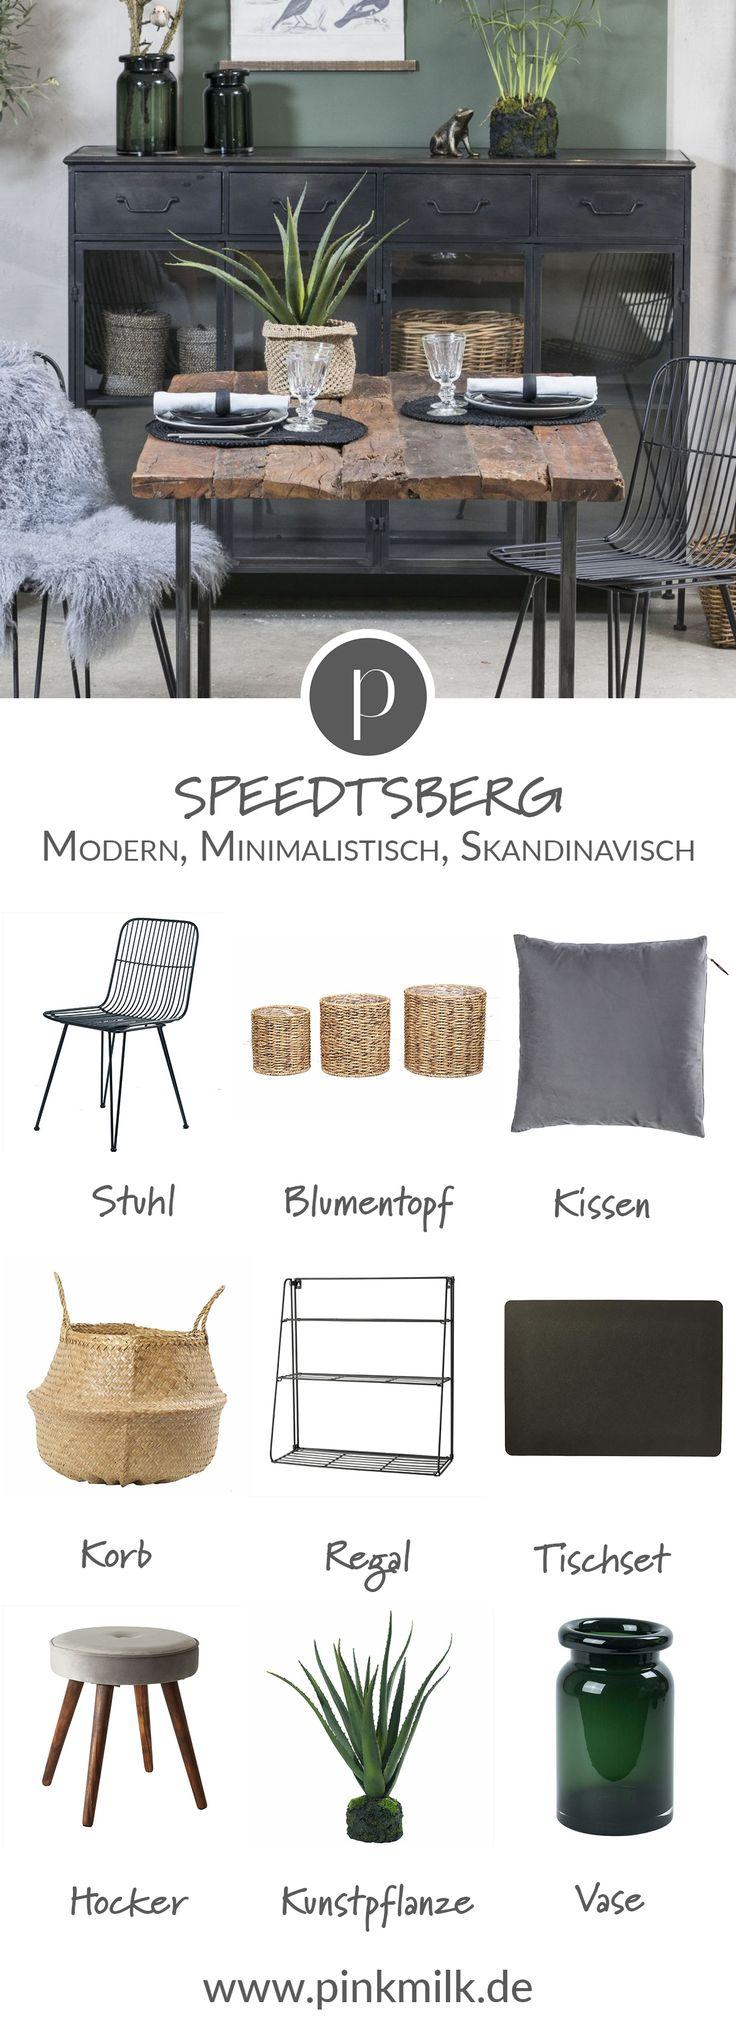 Die dänische Marke Speedtsberg sorgt für einen m…